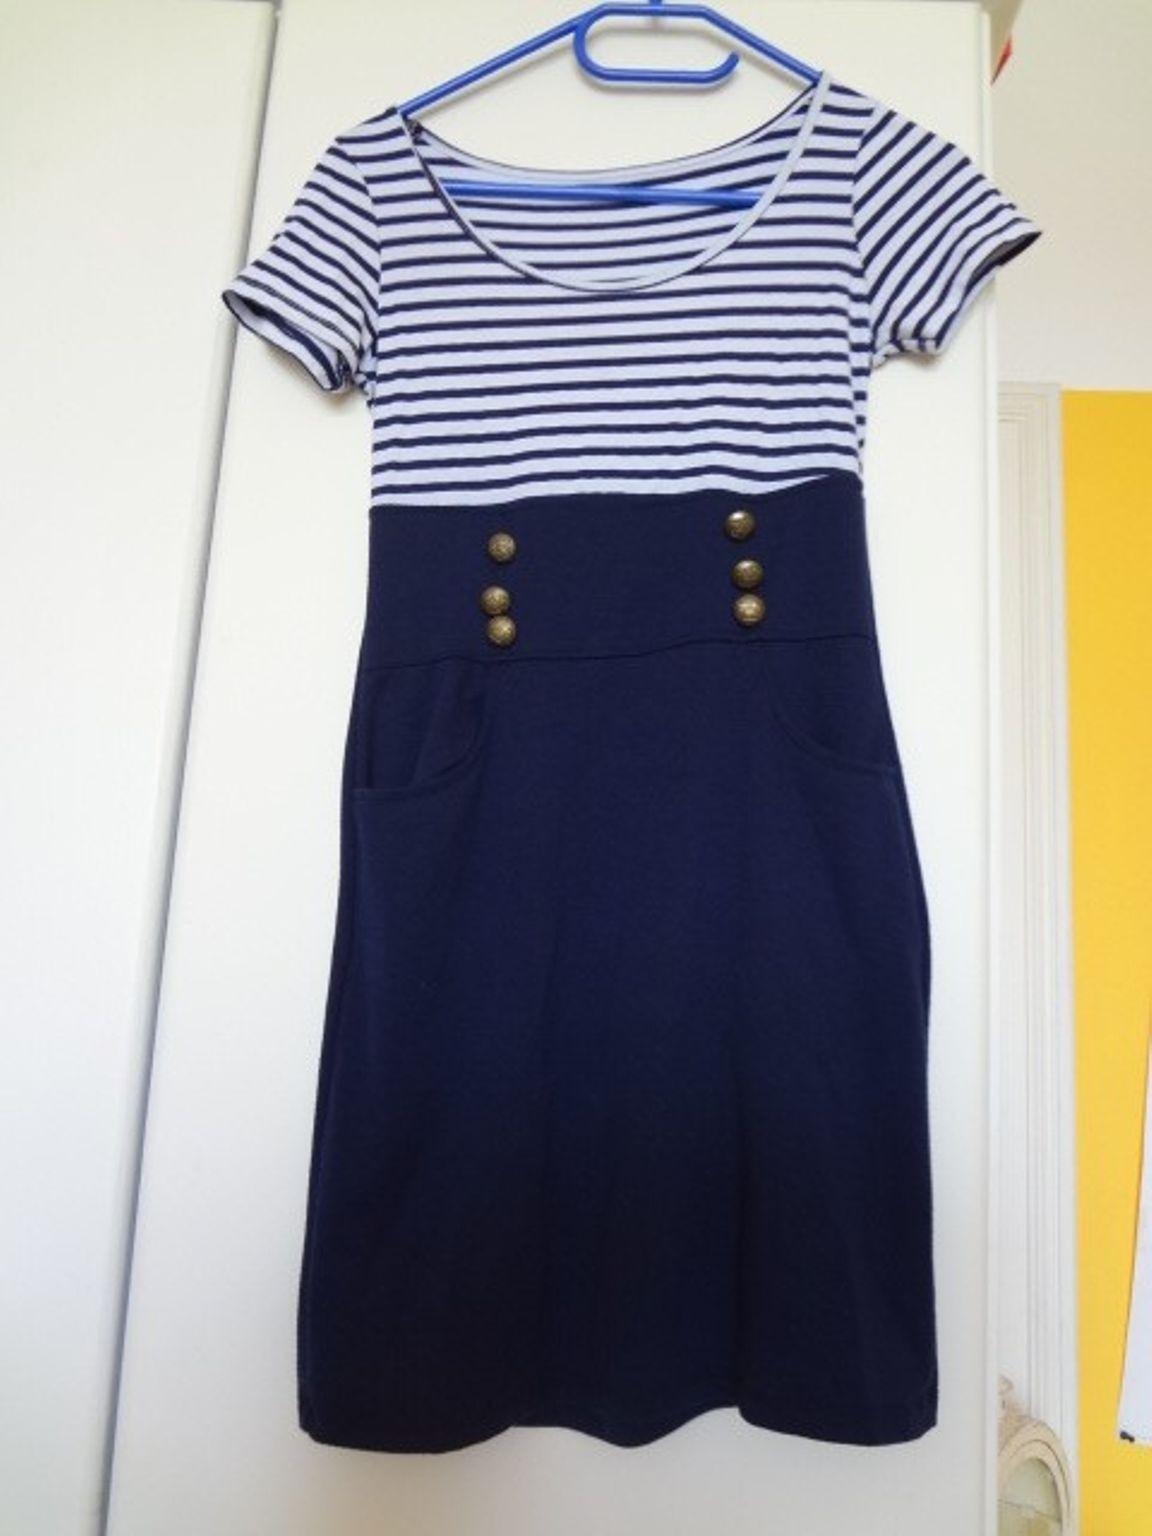 Formal Schön Blau Weißes Kleid Bester Preis17 Einzigartig Blau Weißes Kleid für 2019